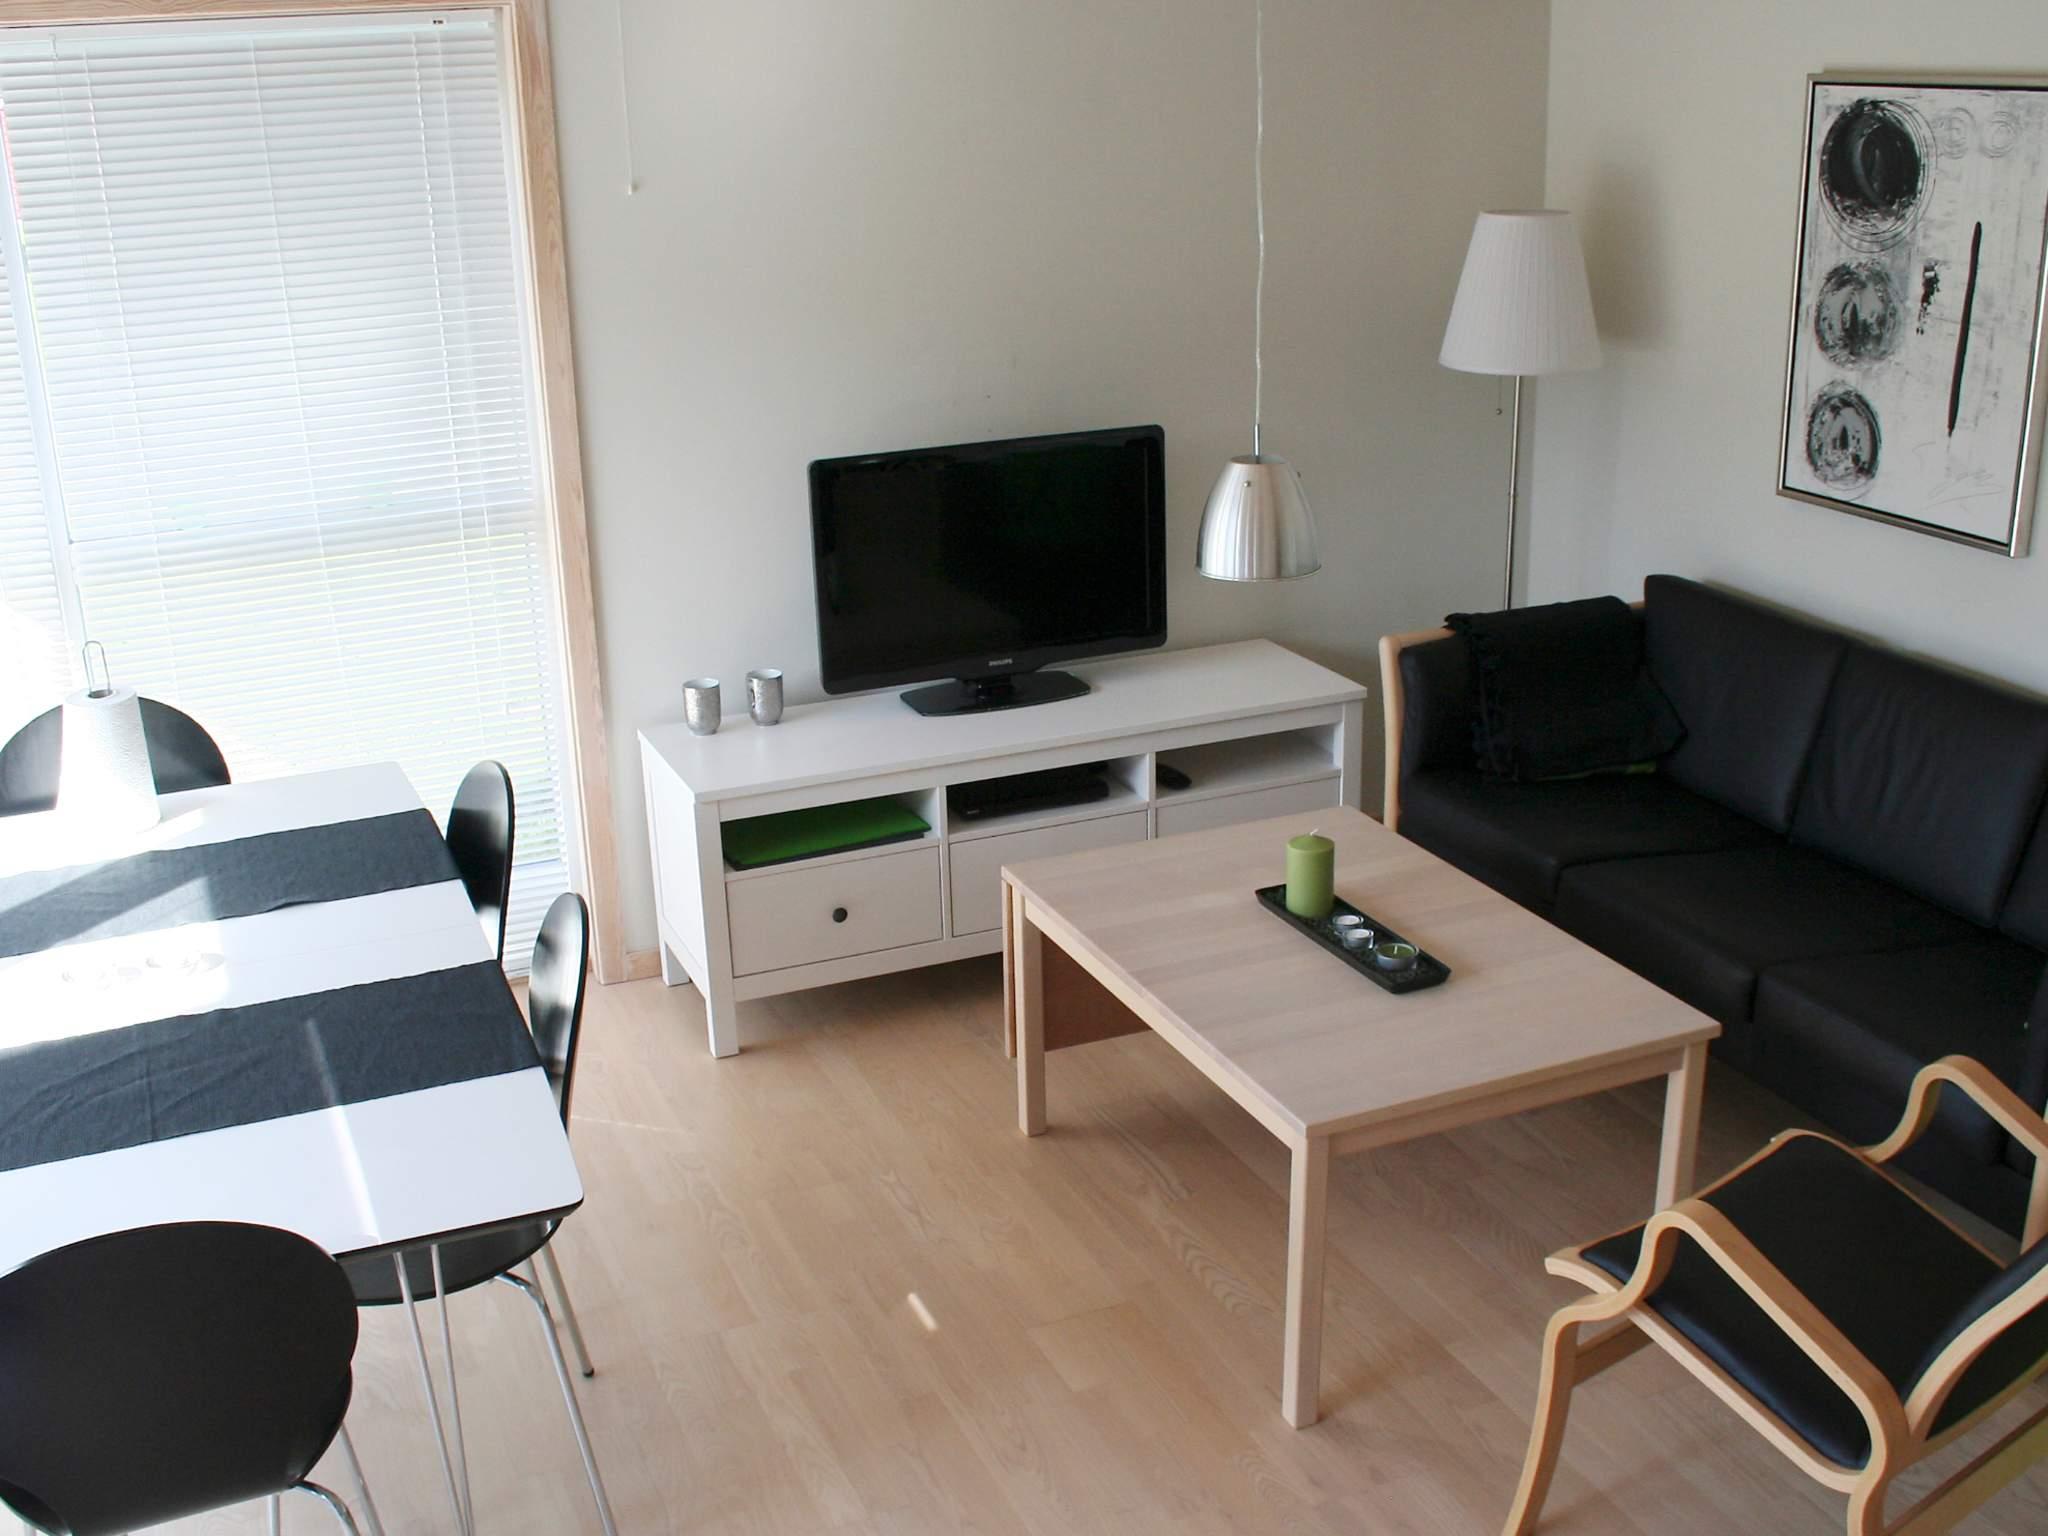 Ferienhaus Rø/Gudhjem (500240), Gudhjem, , Bornholm, Dänemark, Bild 2